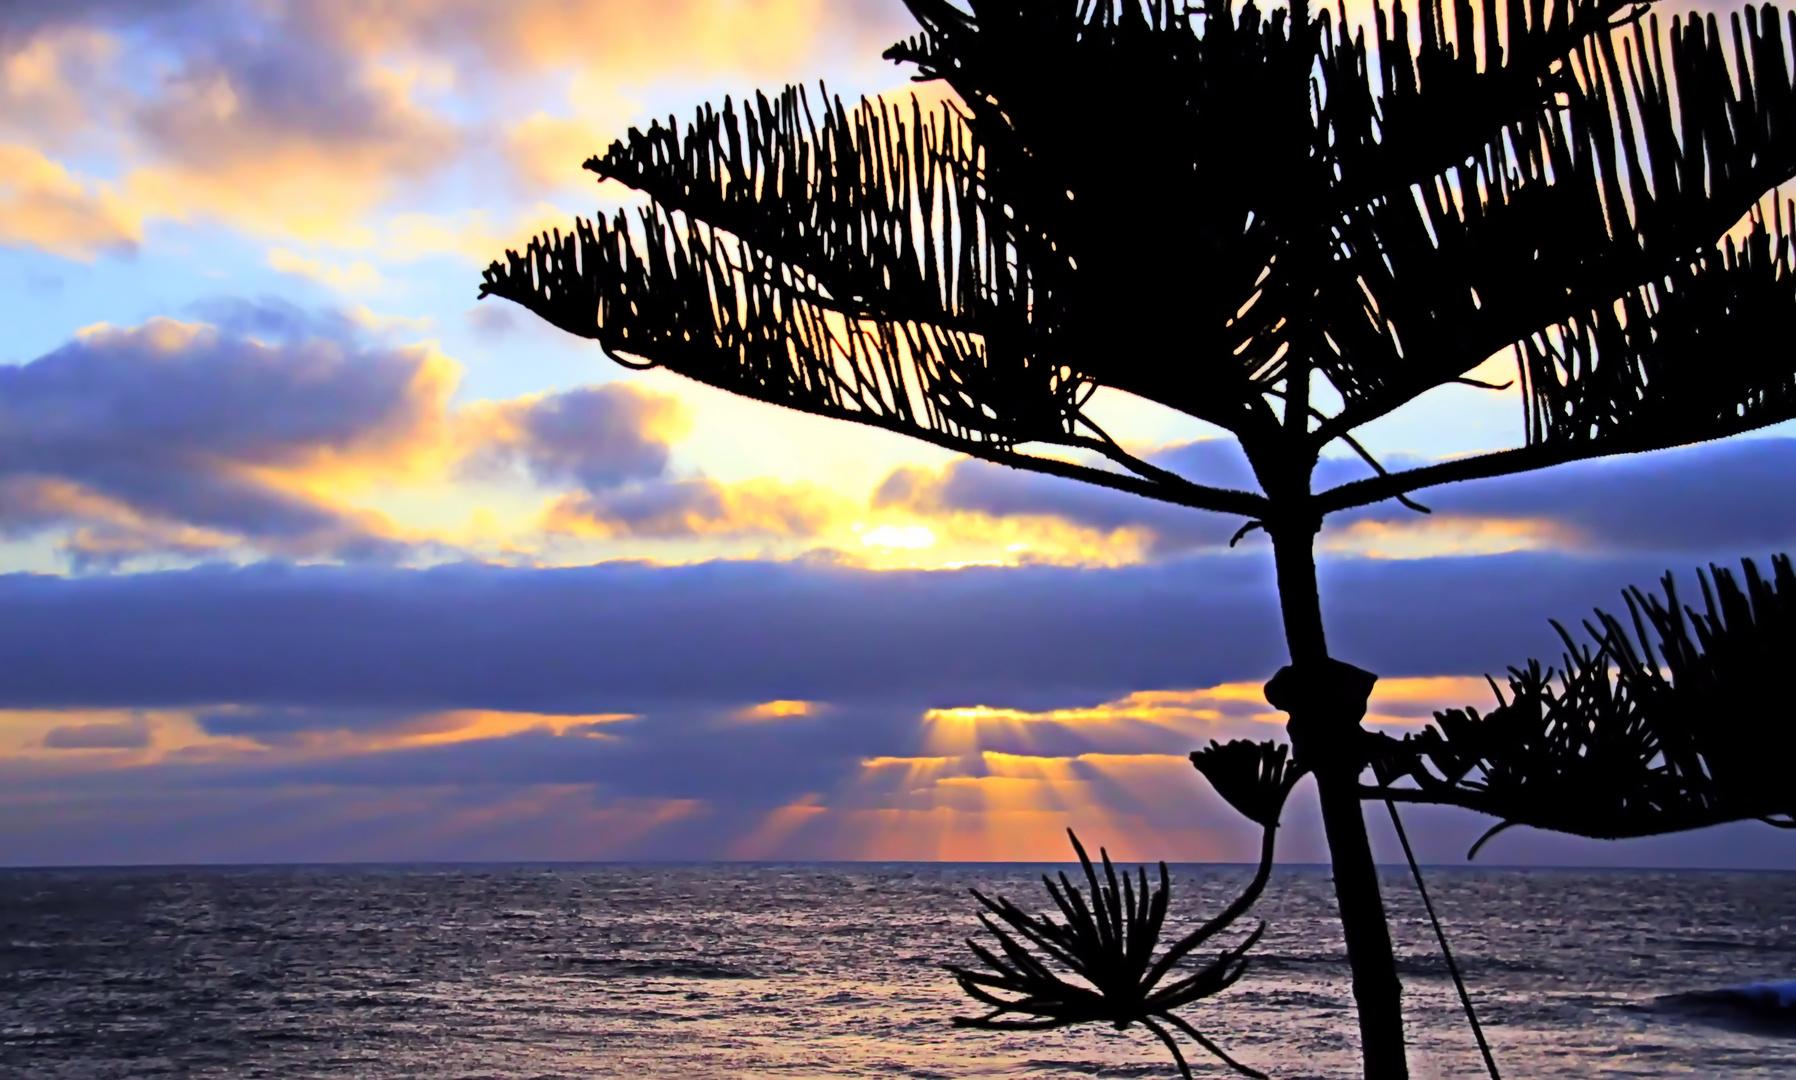 Lanzarote El Golfo Sonnenuntergang 2